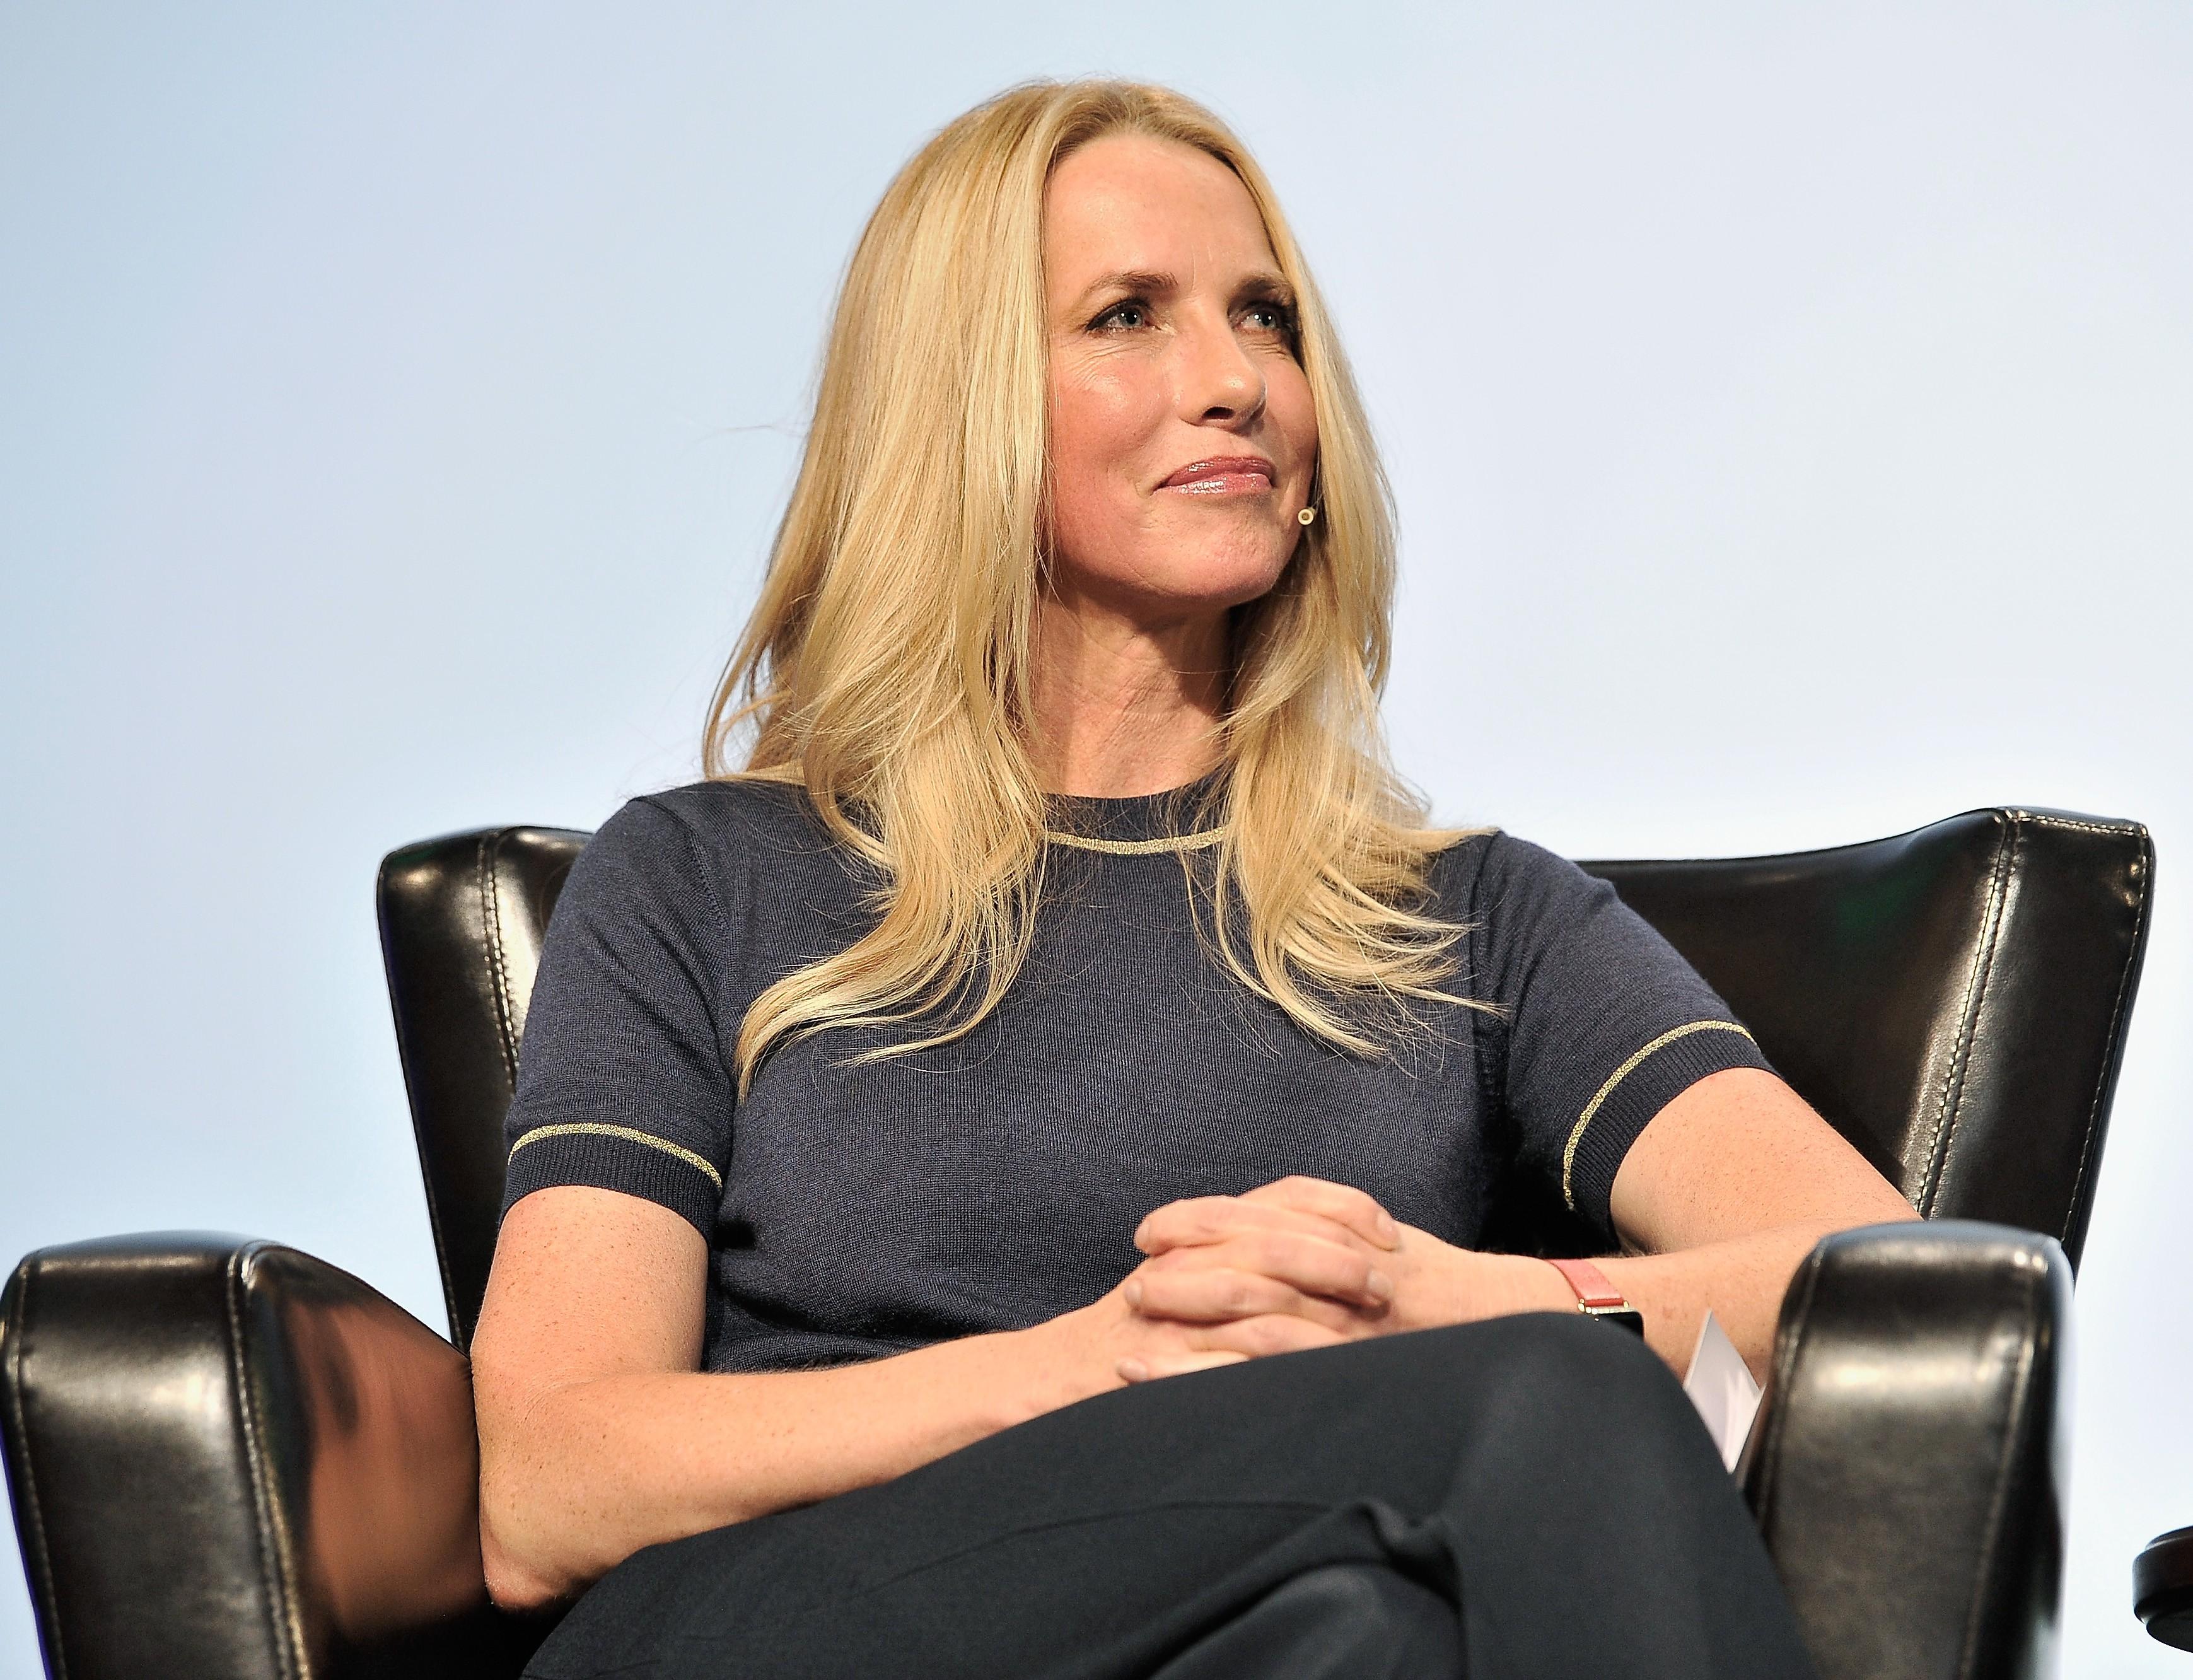 Laurene Powell Jobs, chega ao top 20 da The Forbes 400, com um patrimônio líquido de US$ 20,5 bilhões (Foto: Getty Images)